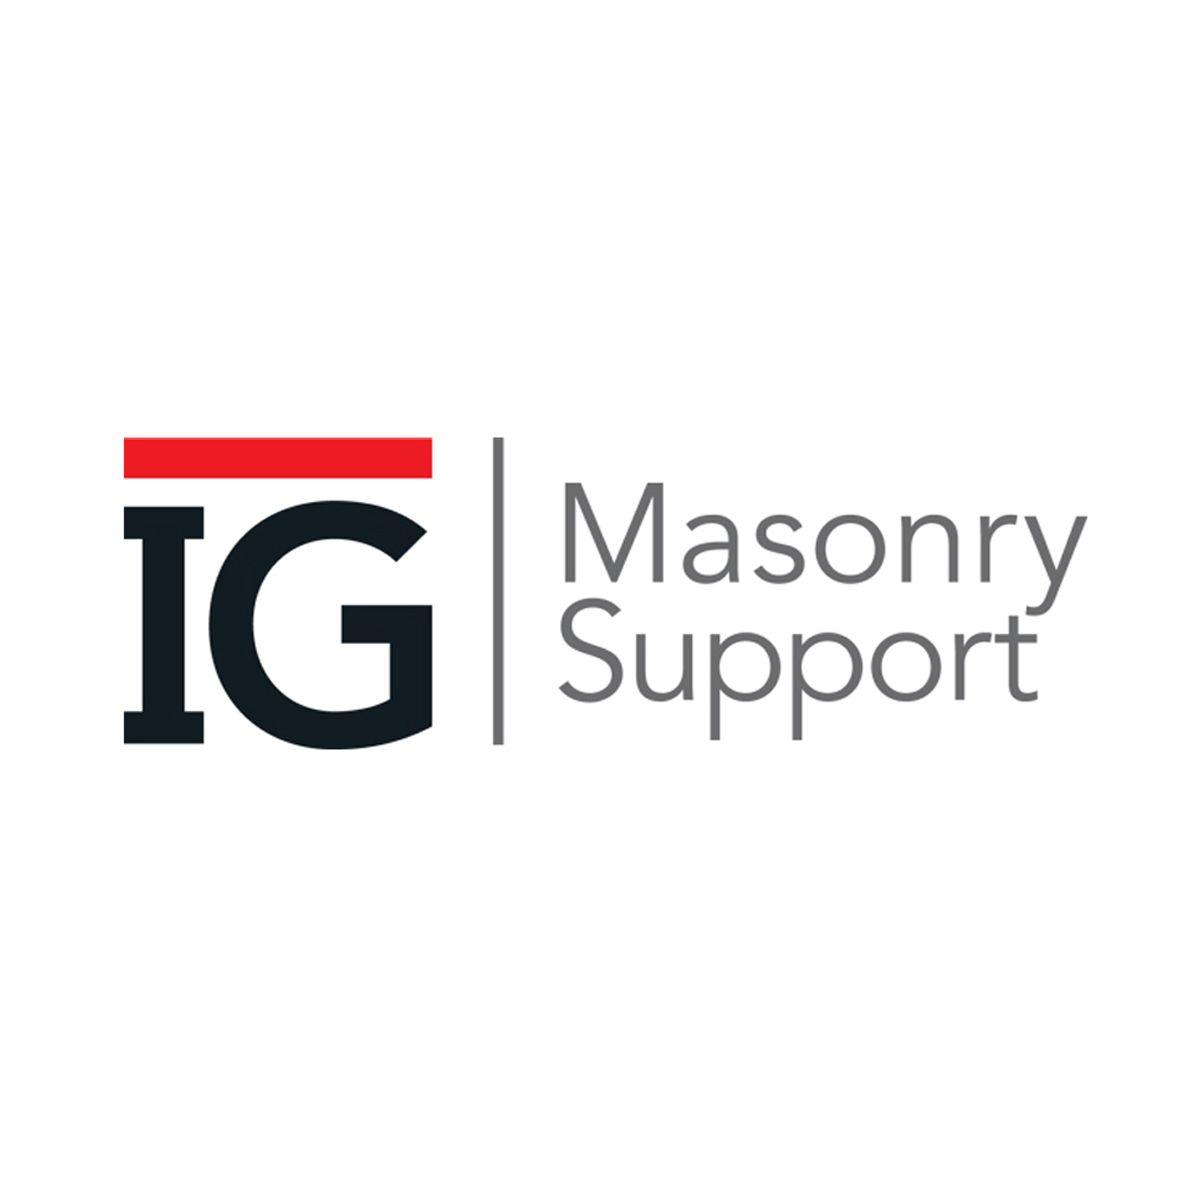 Logo: IG Masonry Support